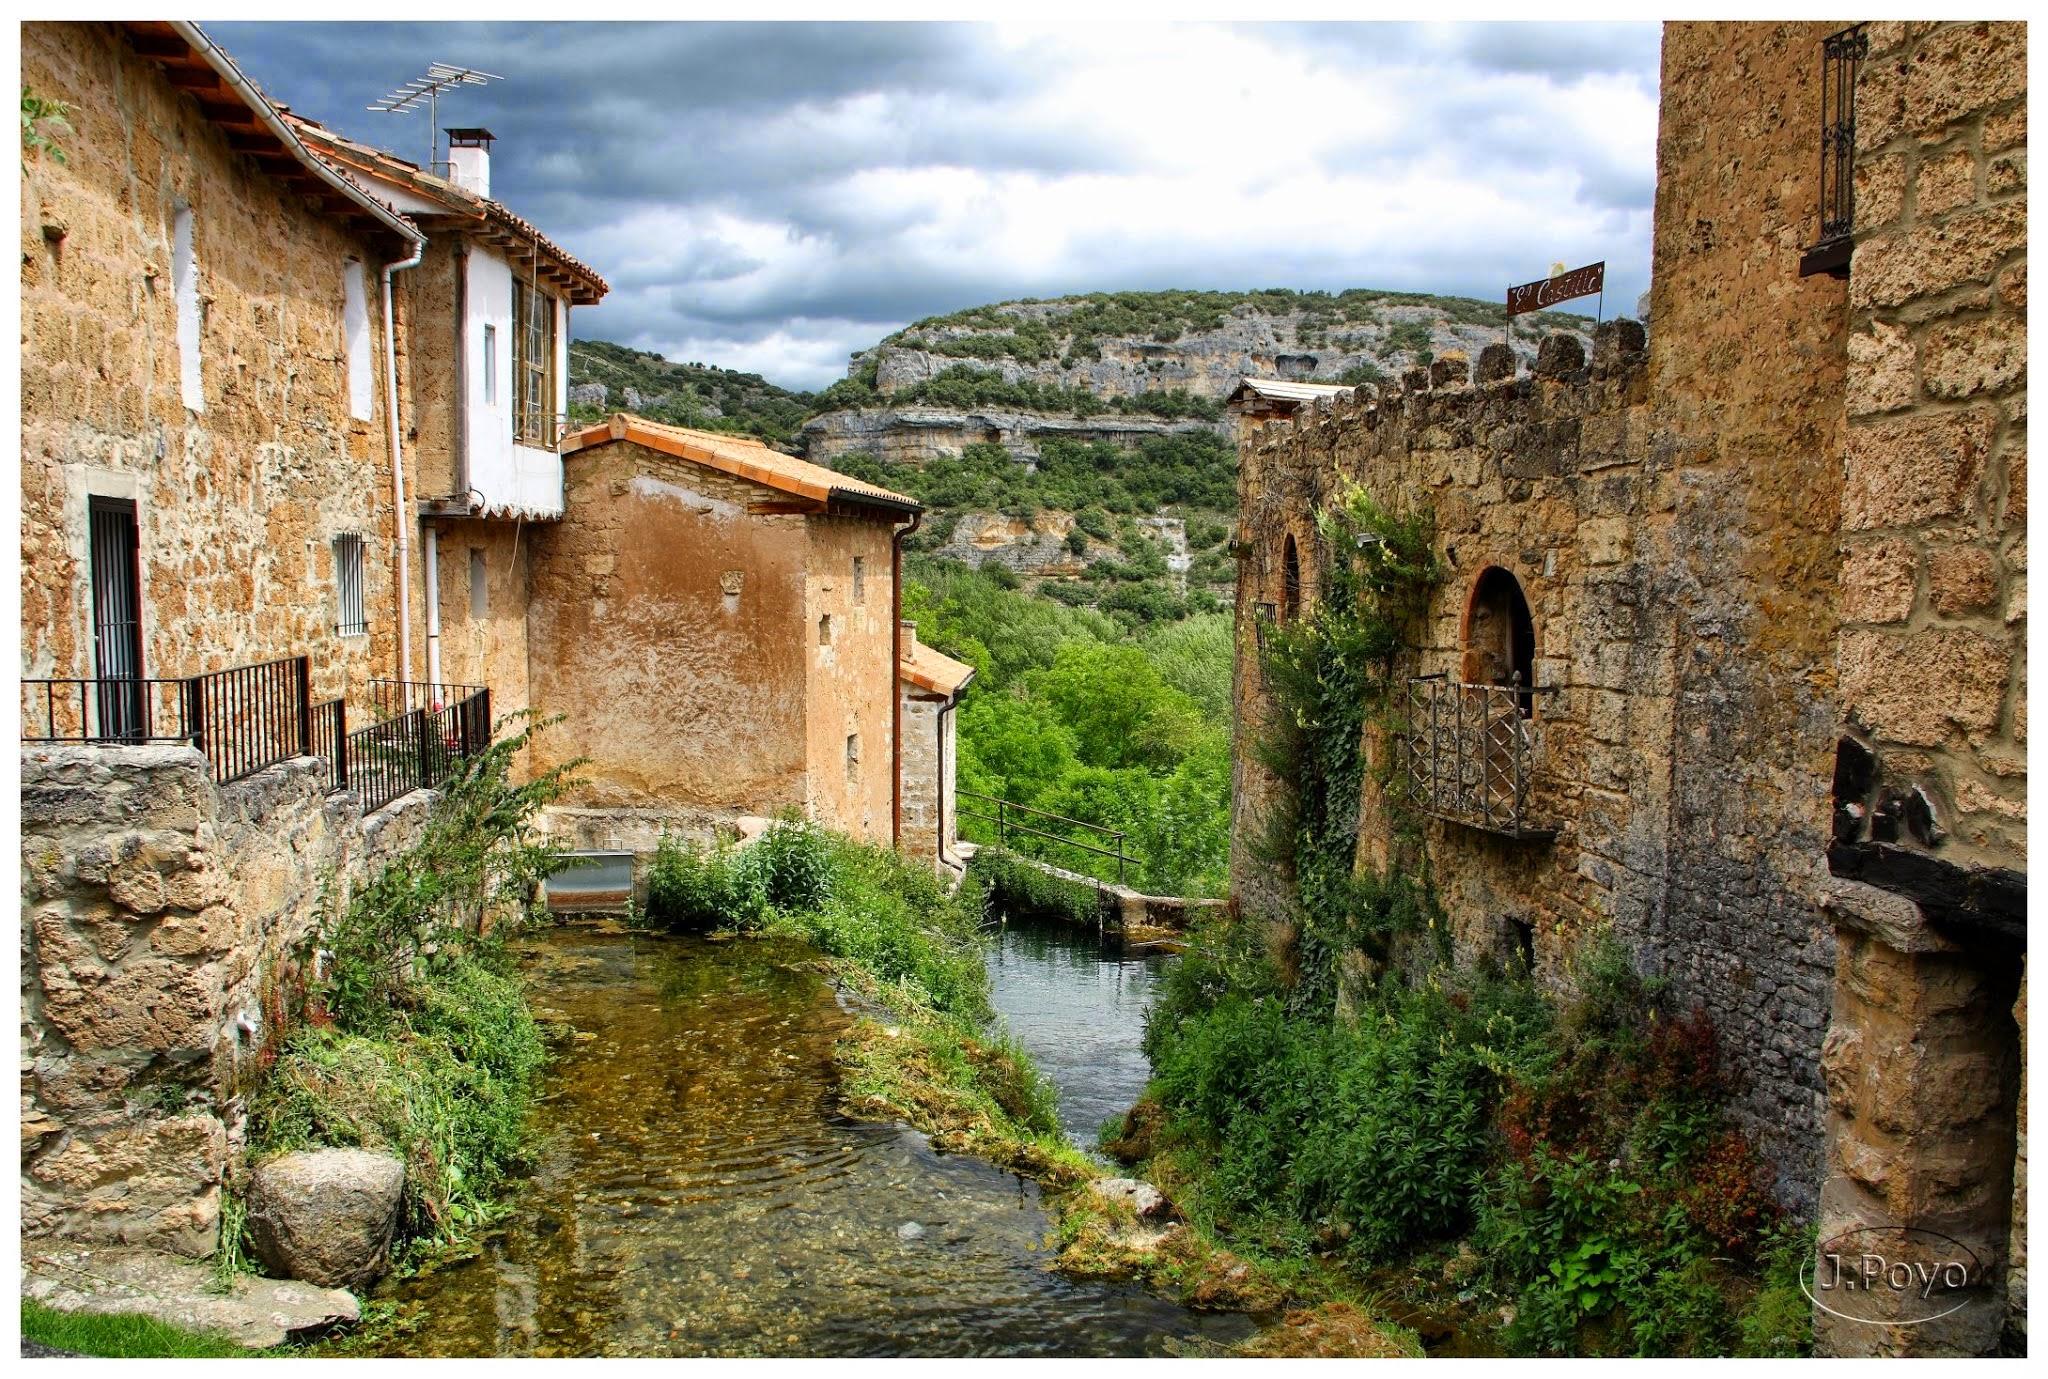 Orbaneja del Castillo, Burgos